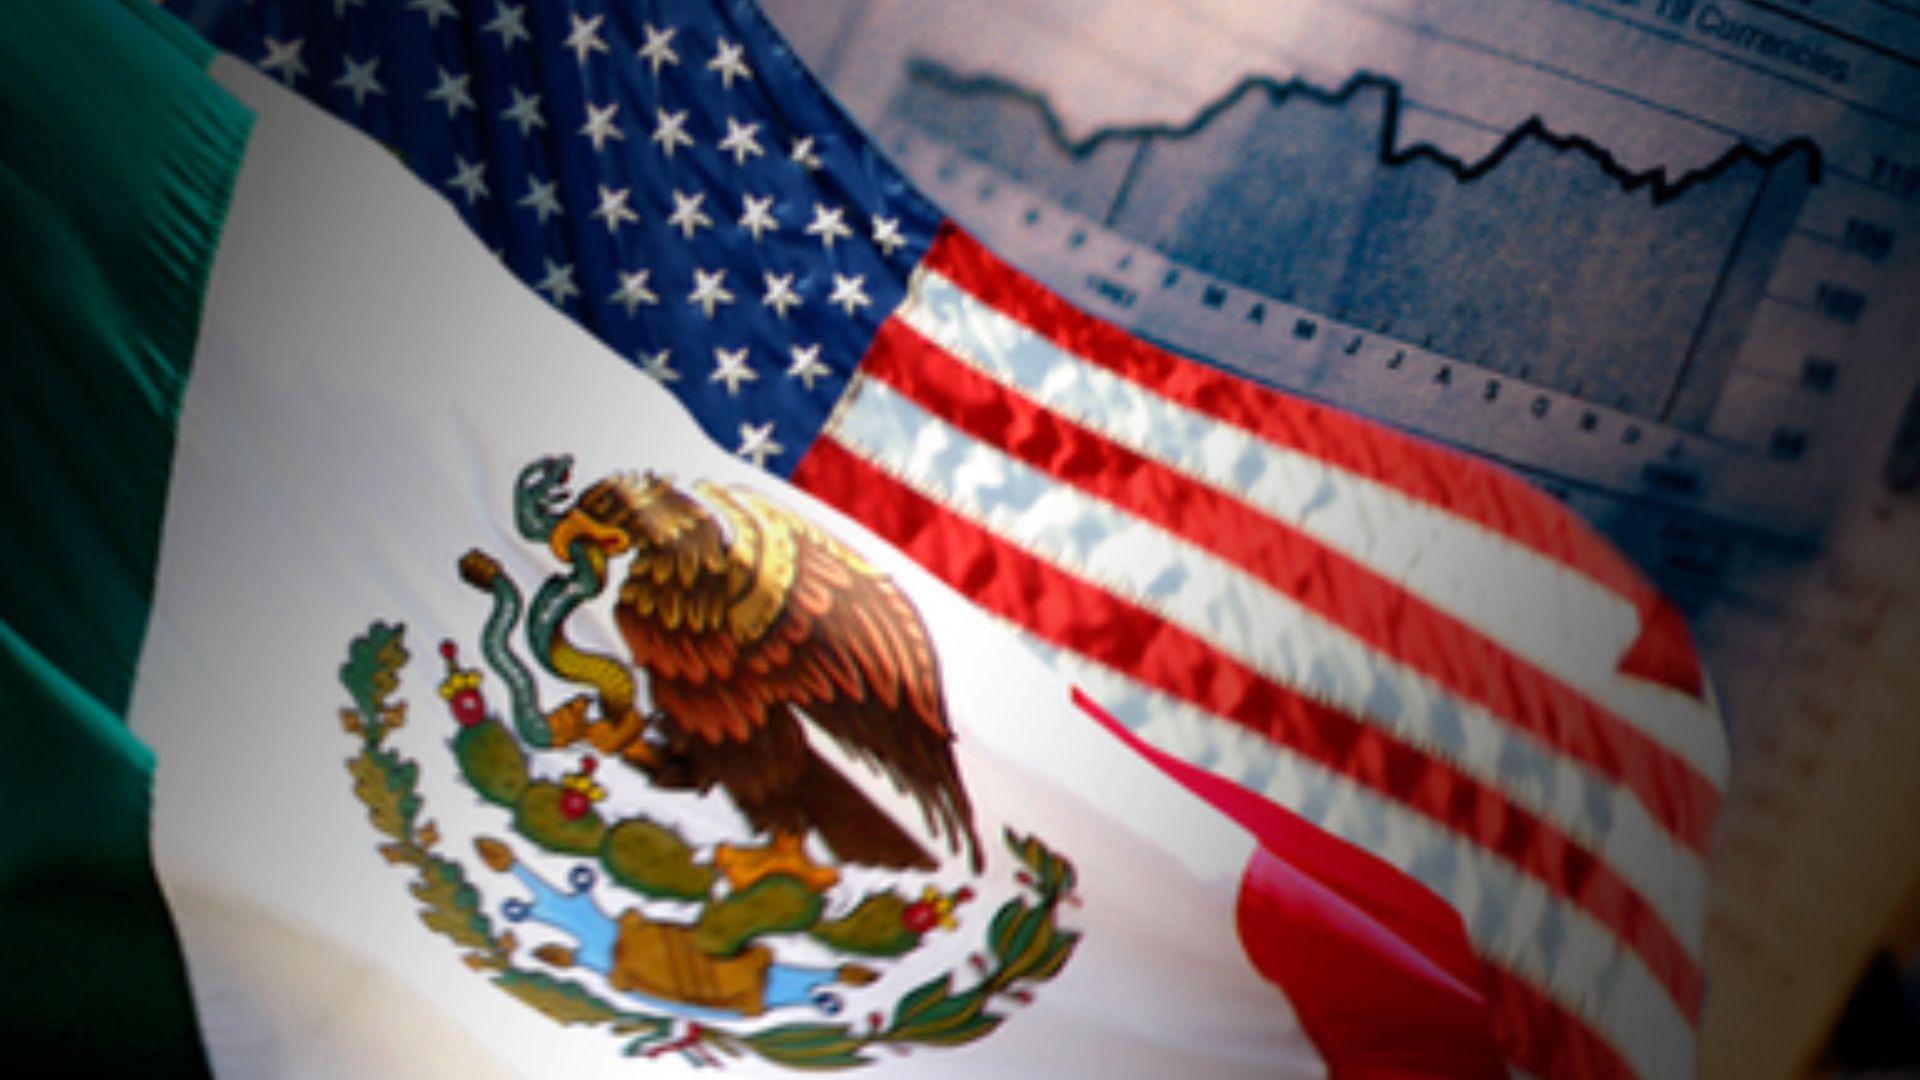 La economía mexicana se podría ver gravemente afectada si continúa en marcha la amenaza de Trump (Foto: gob.mx)